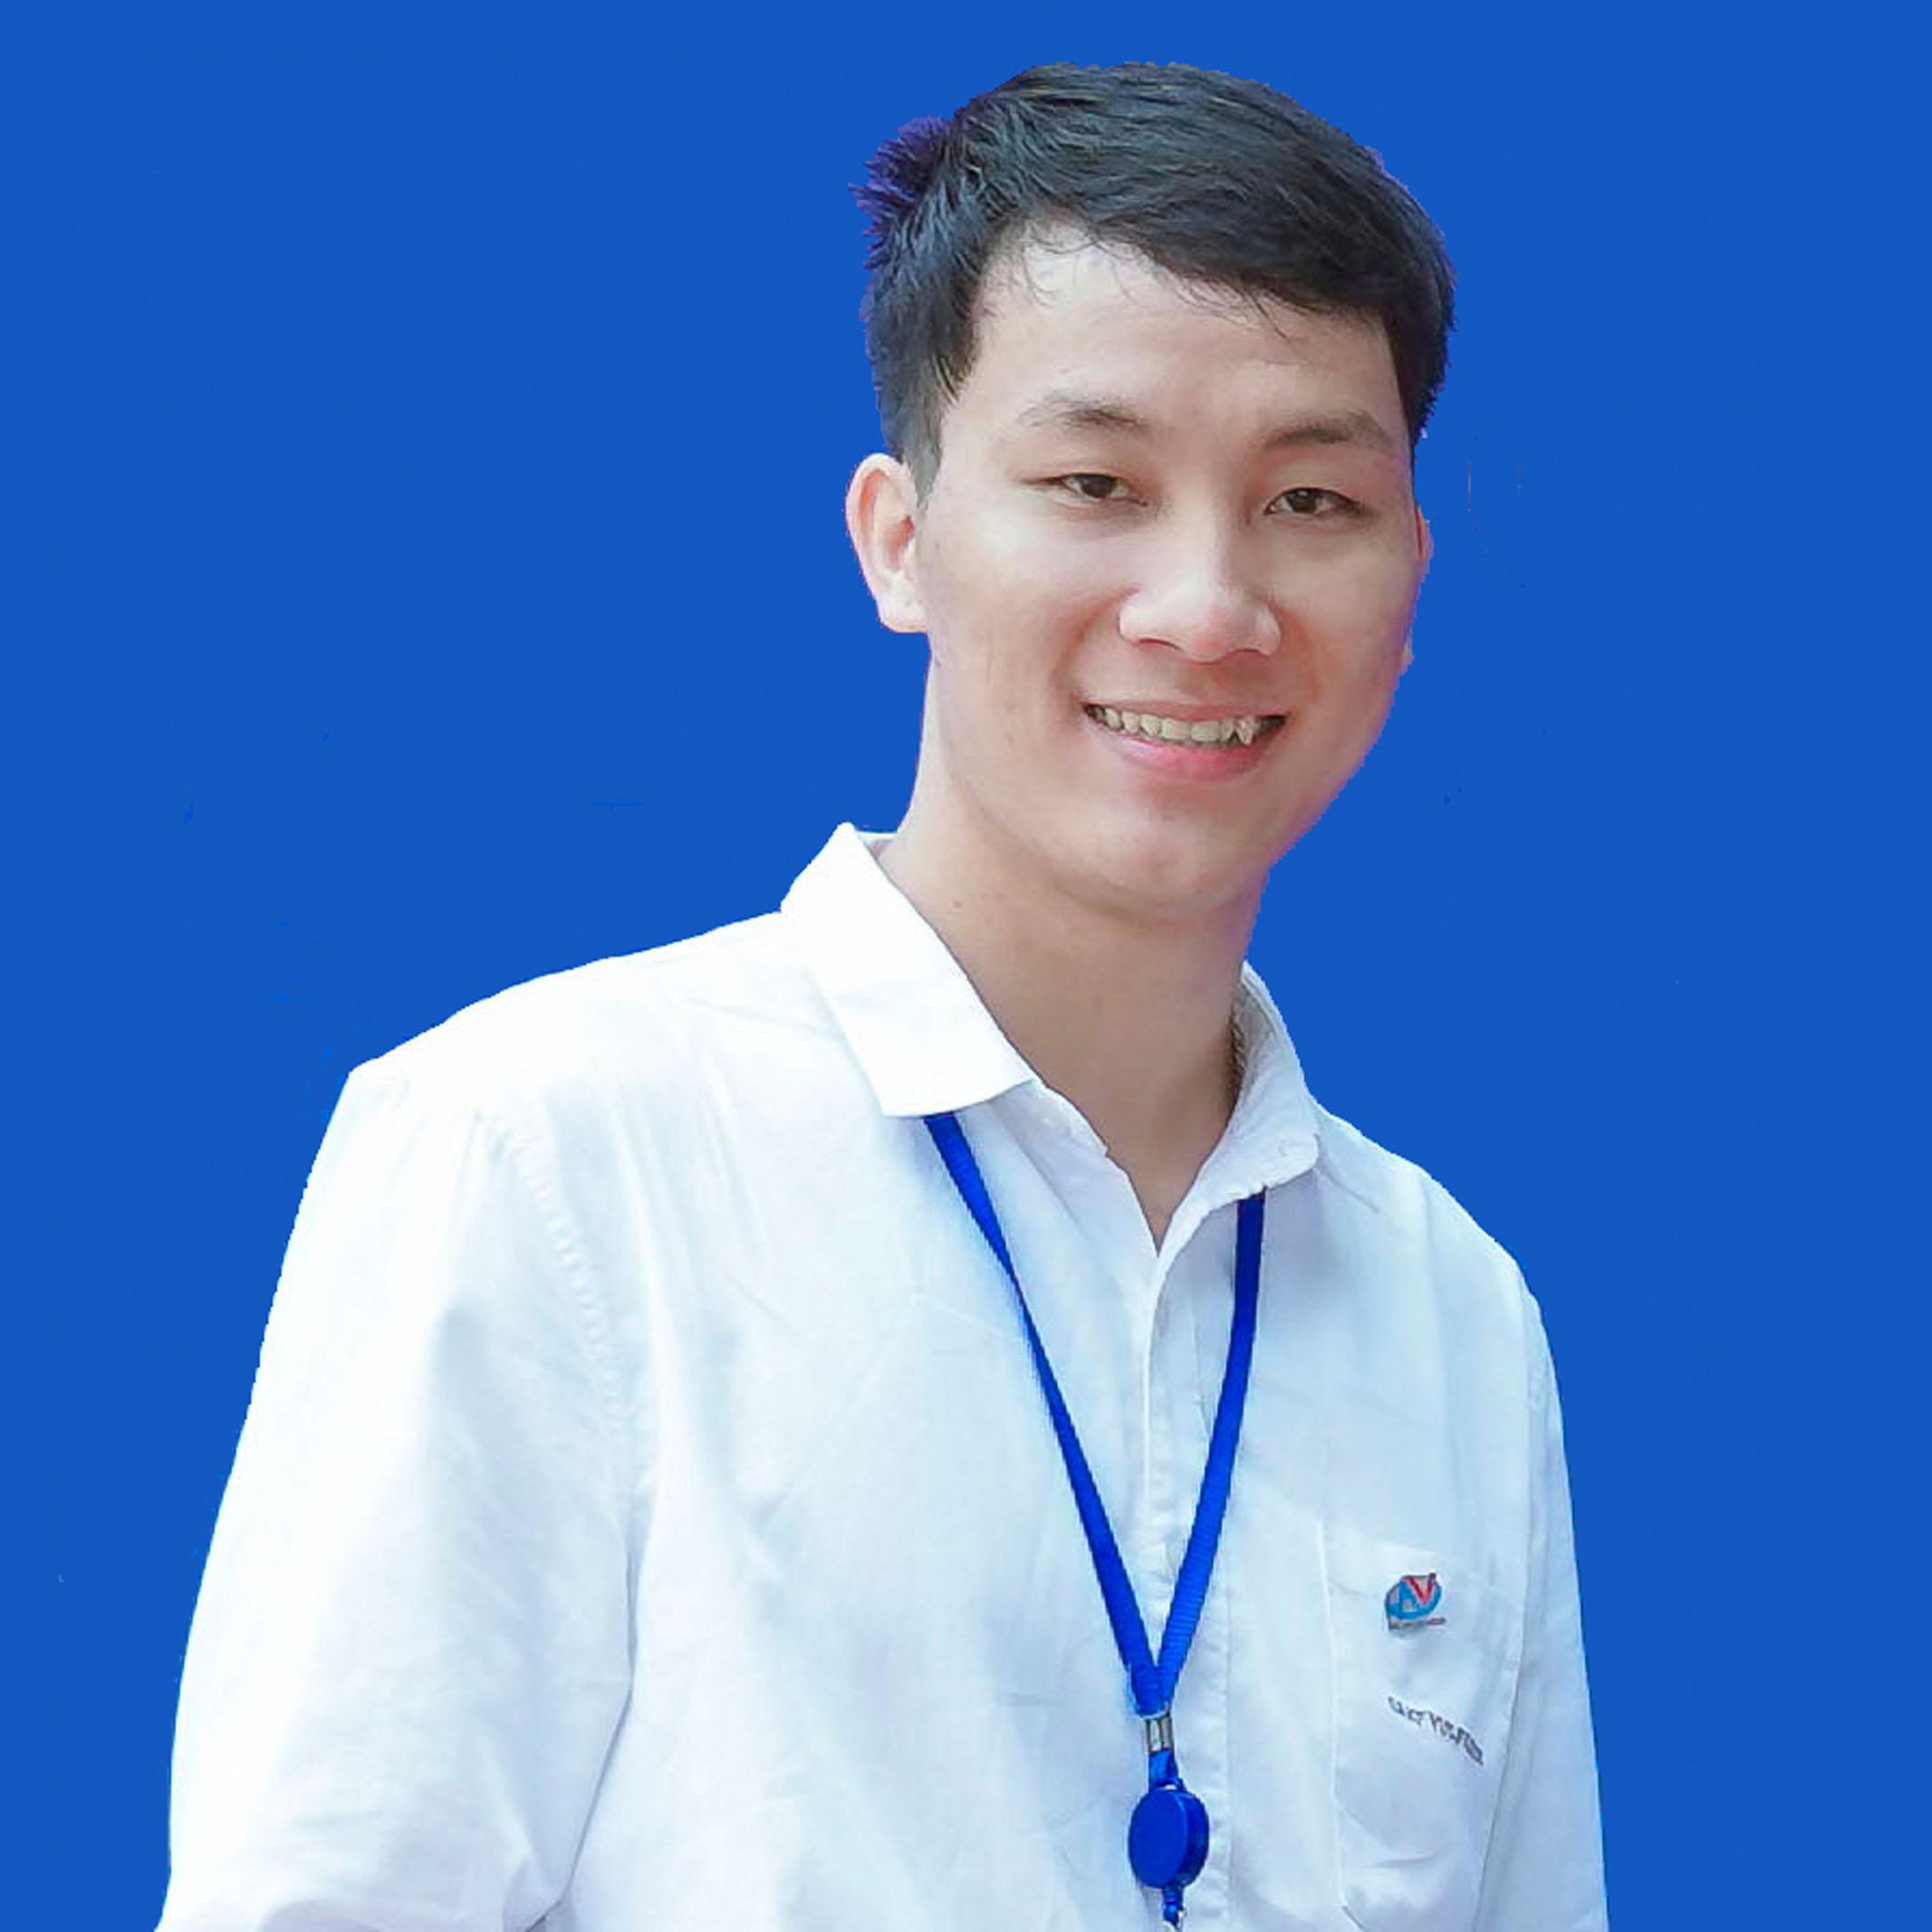 NGUYEN HUU CHINH